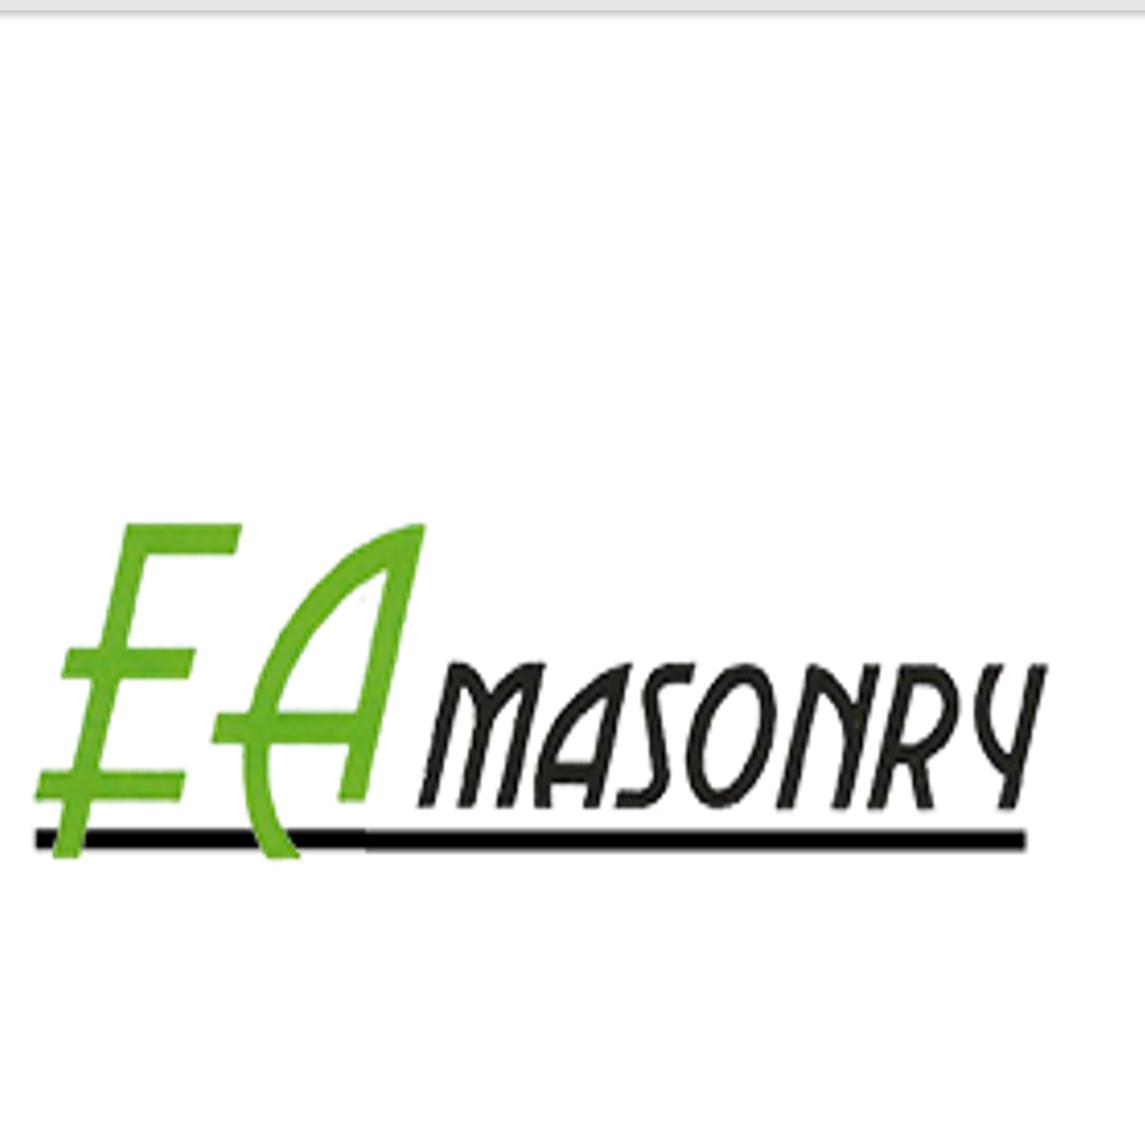 E.A Masonry logo